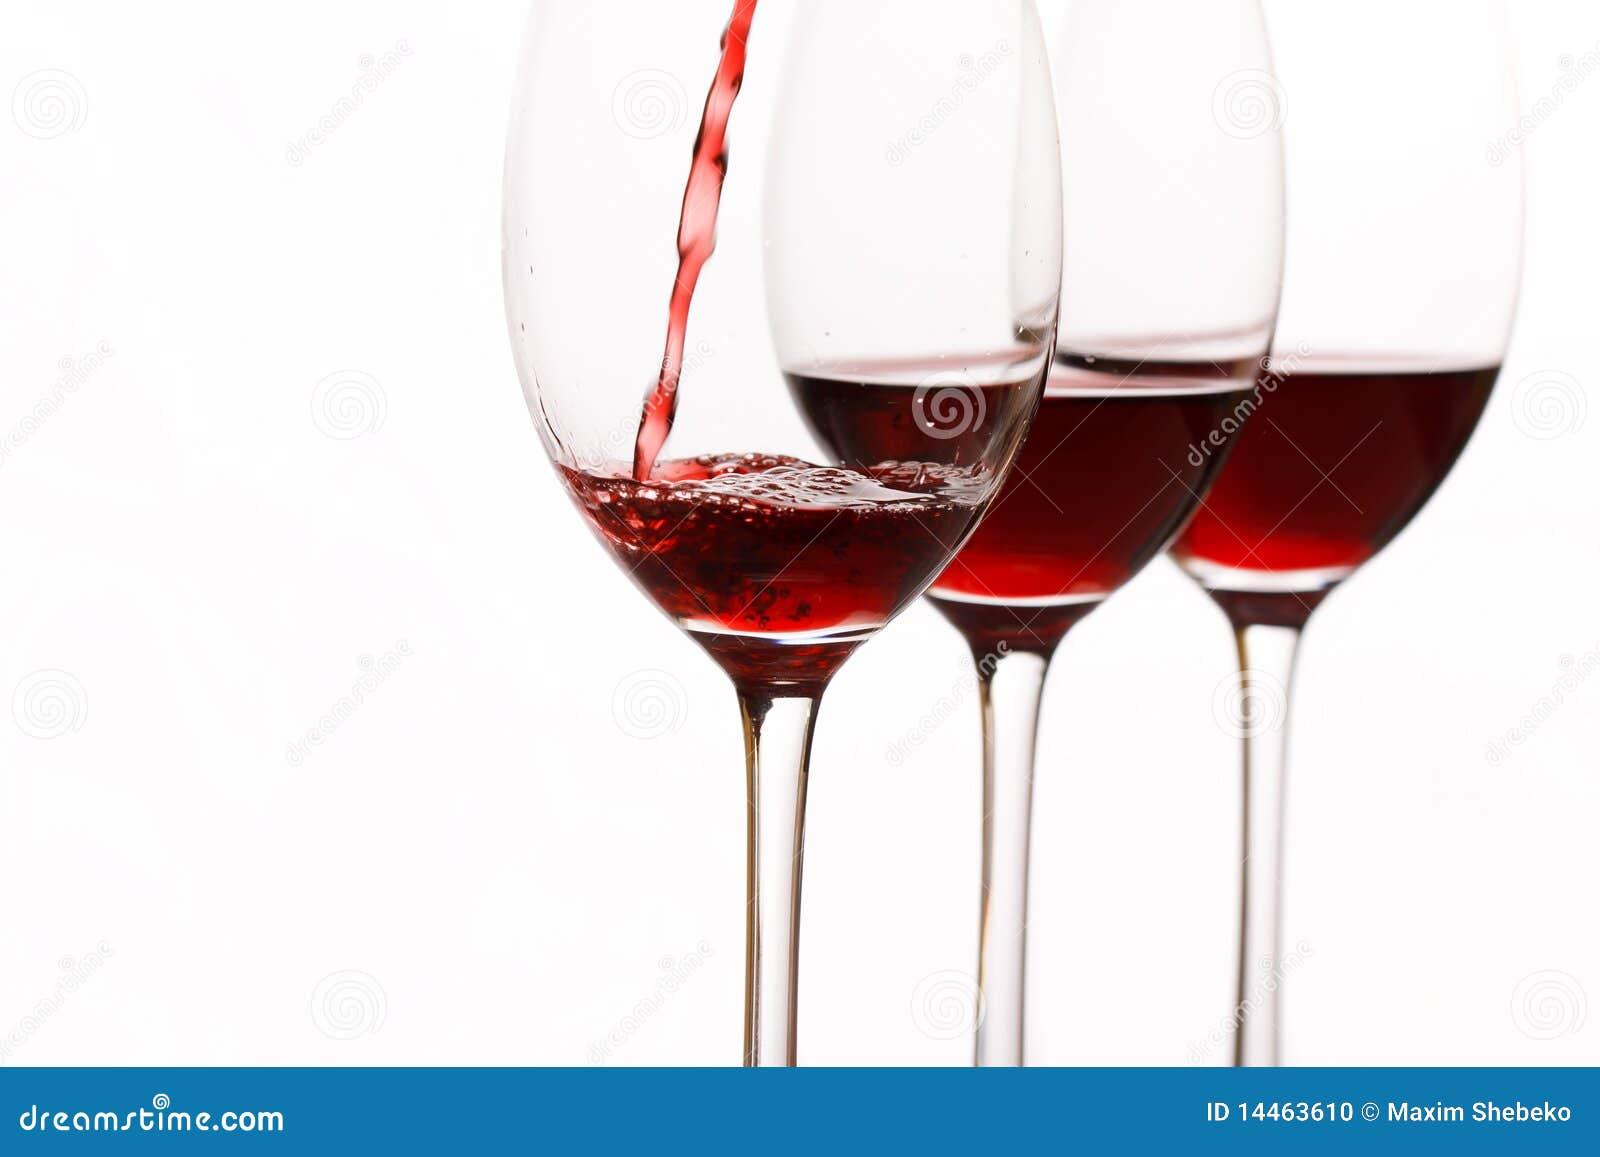 Che fare se il marito beve quando vuole